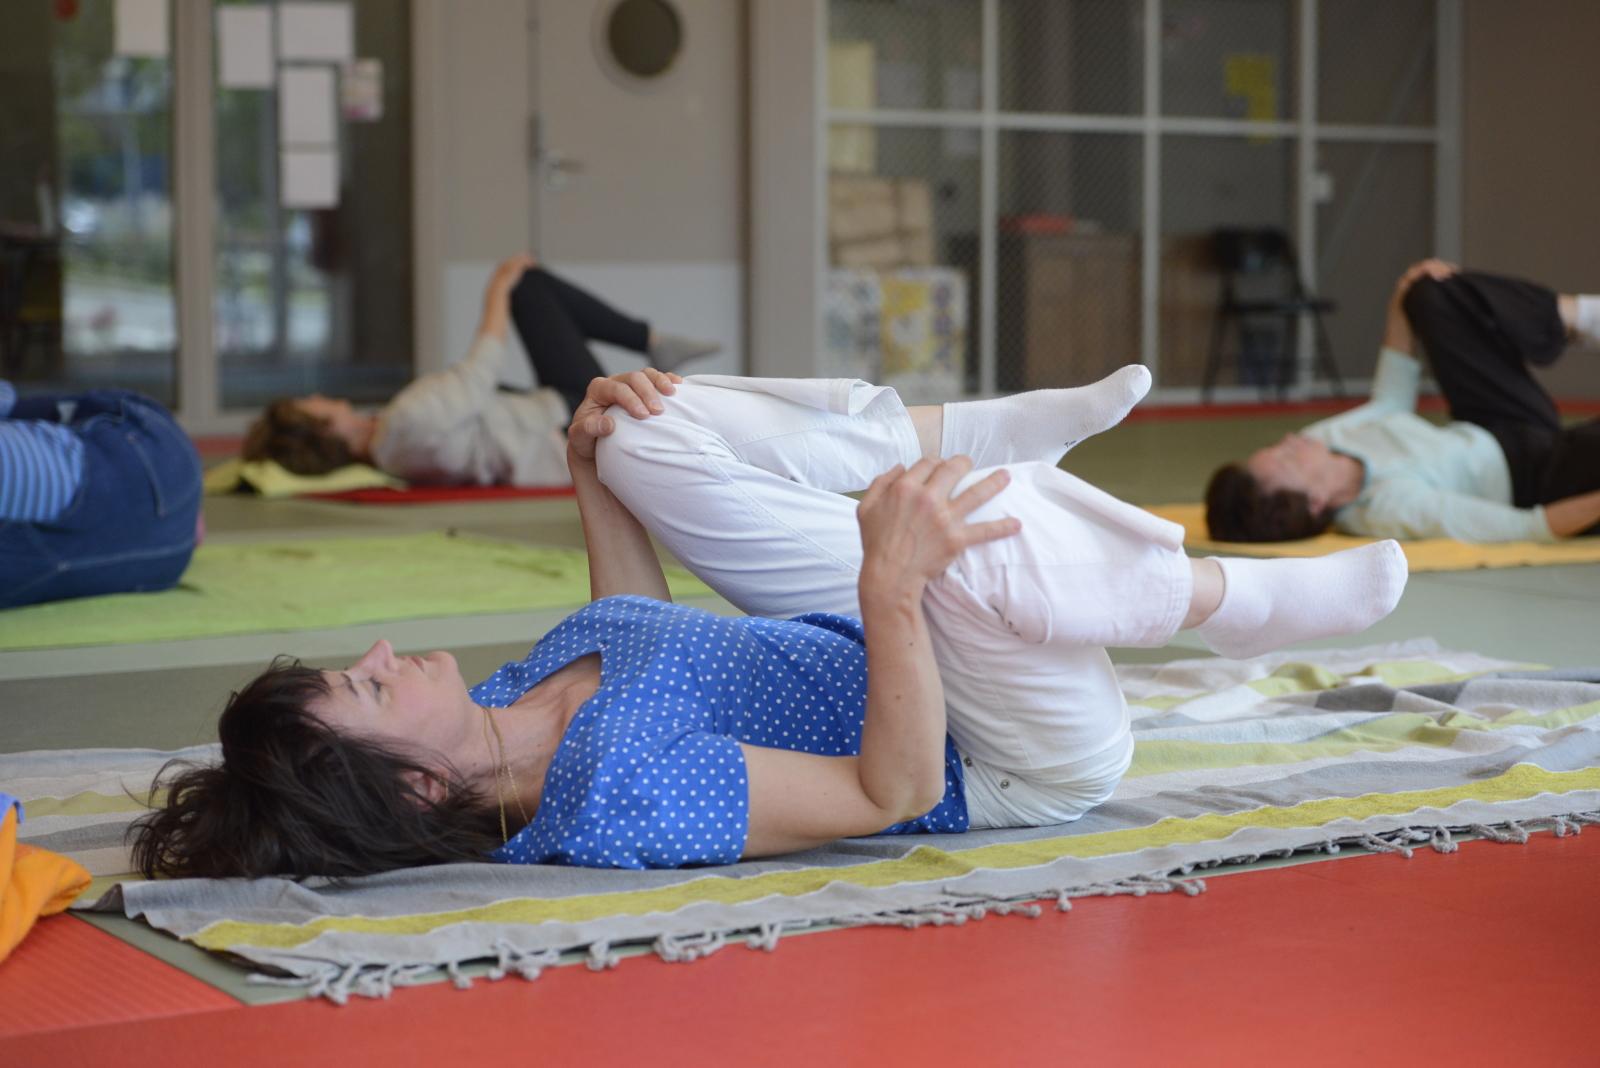 Stage thématique gym douce inspirée de la méthode Feldenkrais - Atelier du mouvement Paris